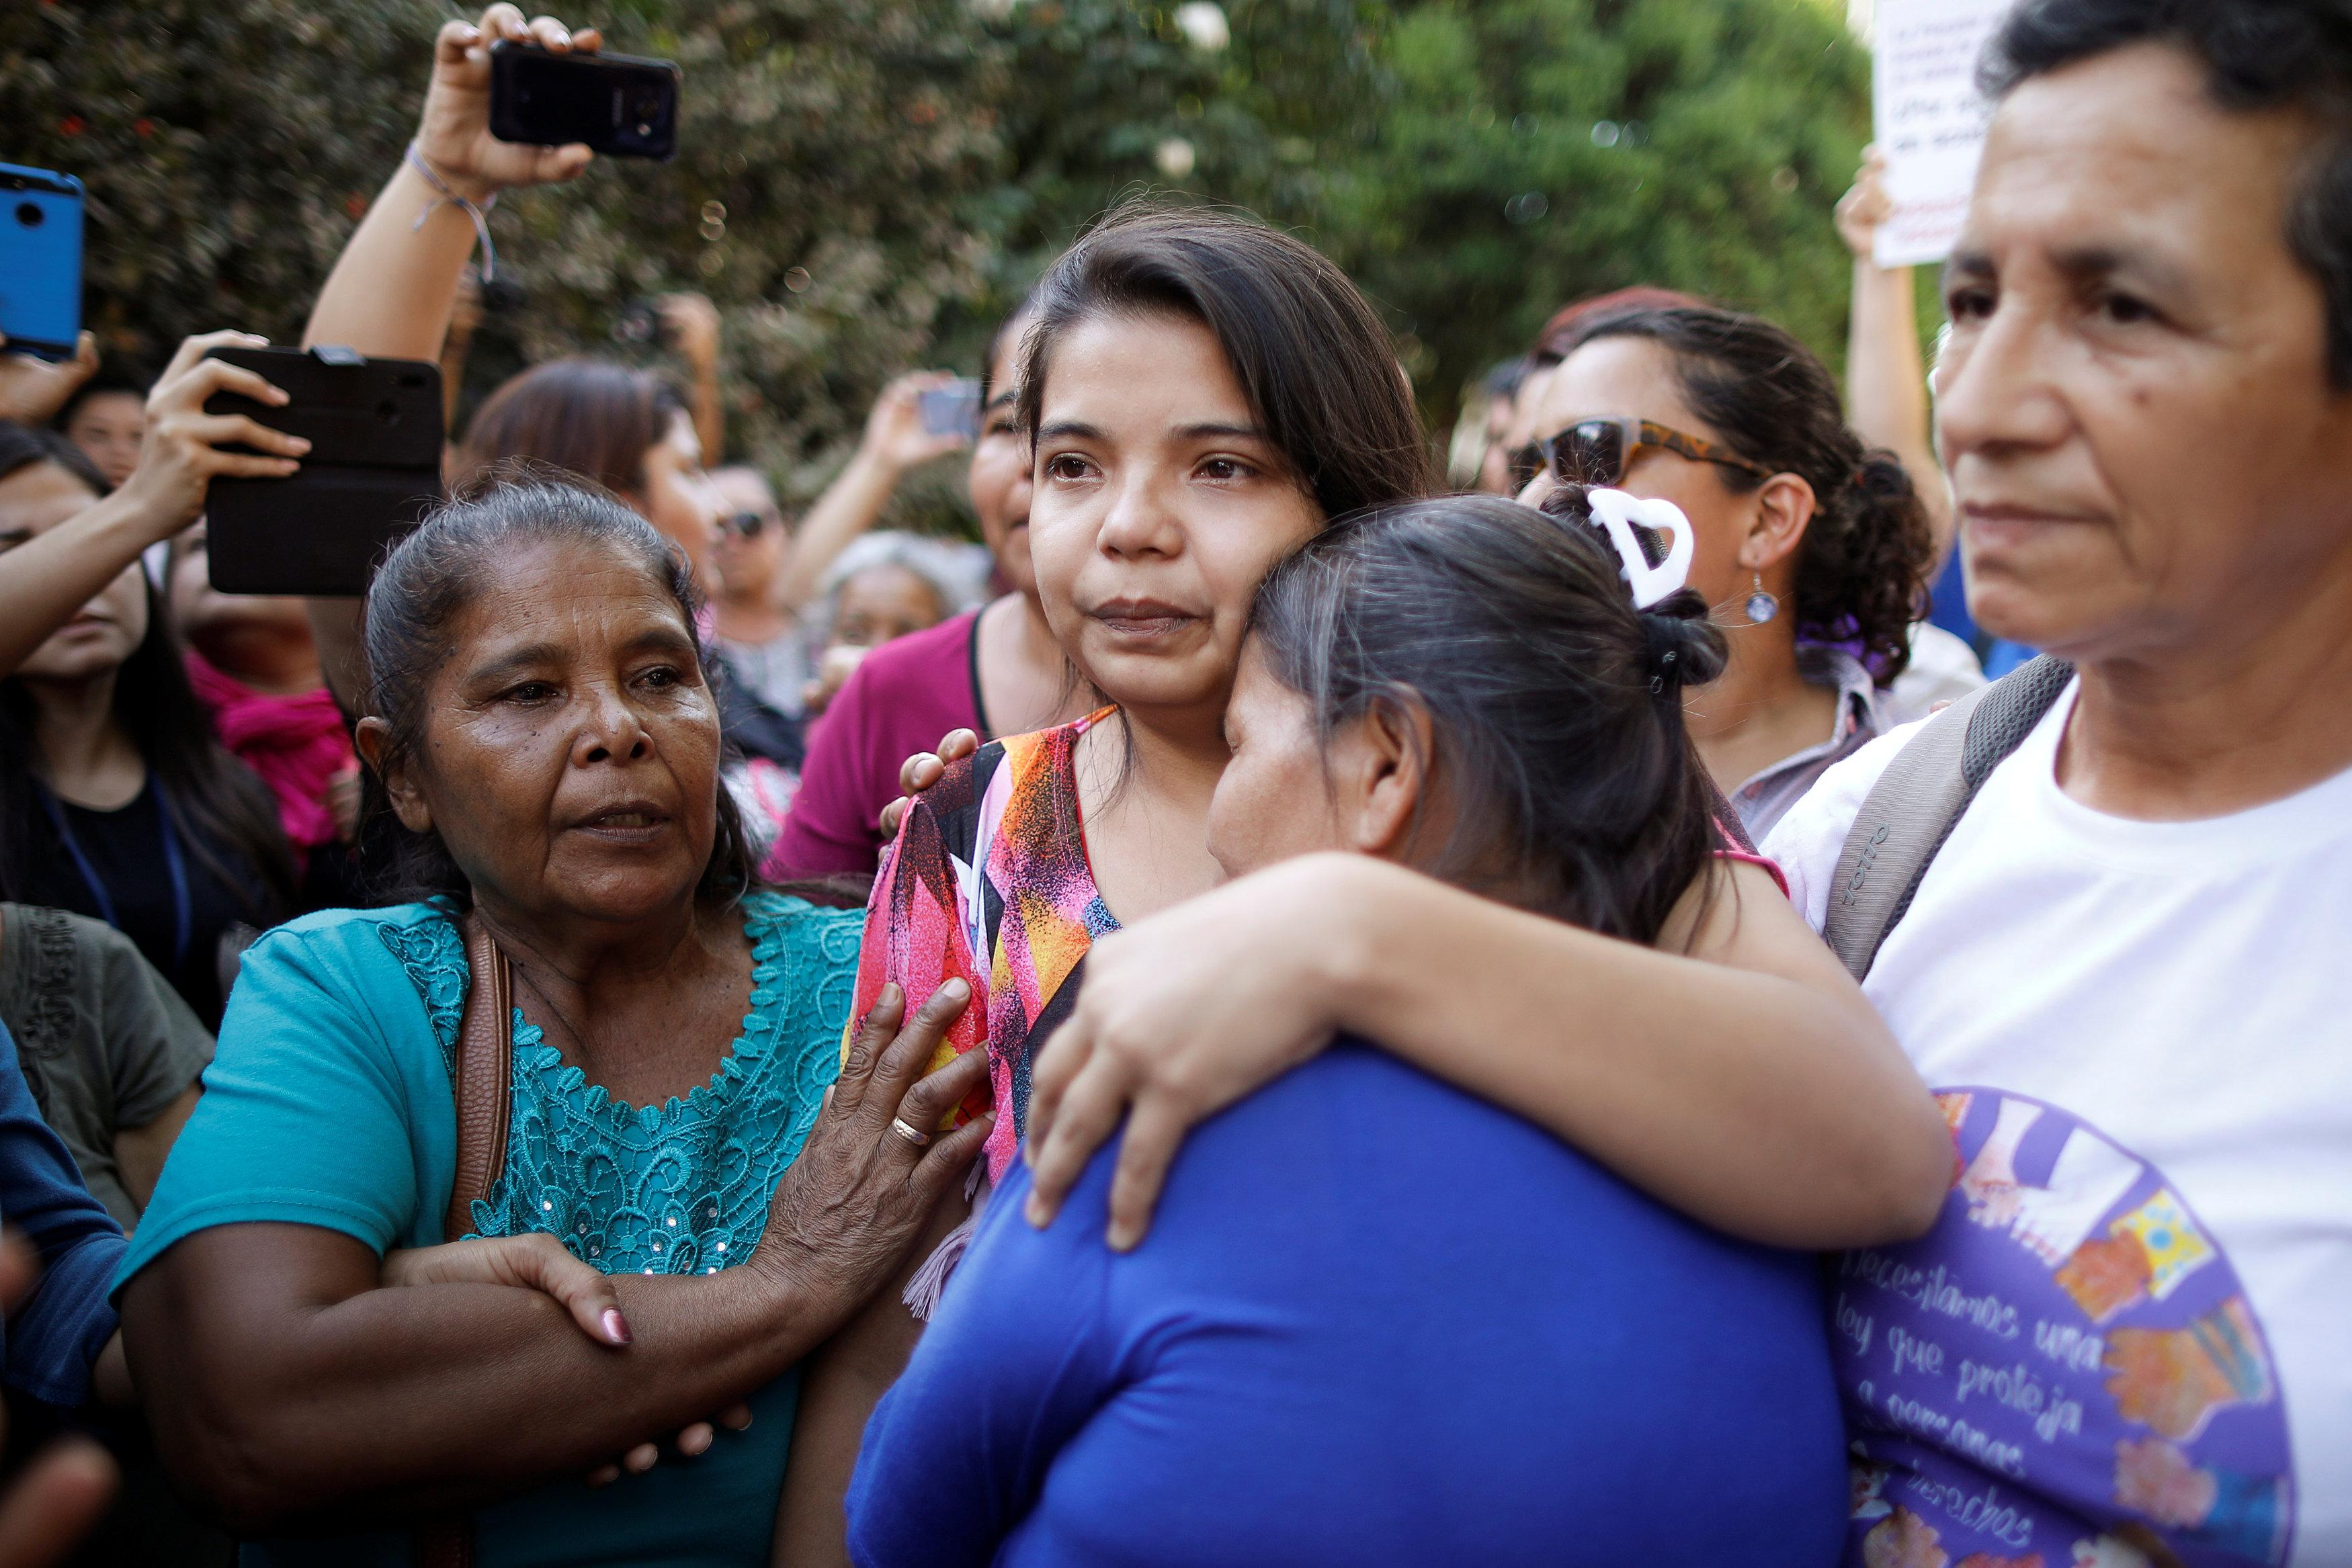 Imelda Corteztras ser liberada enUsulutan, El Salvador (REUTERS/Jose Cabezas)